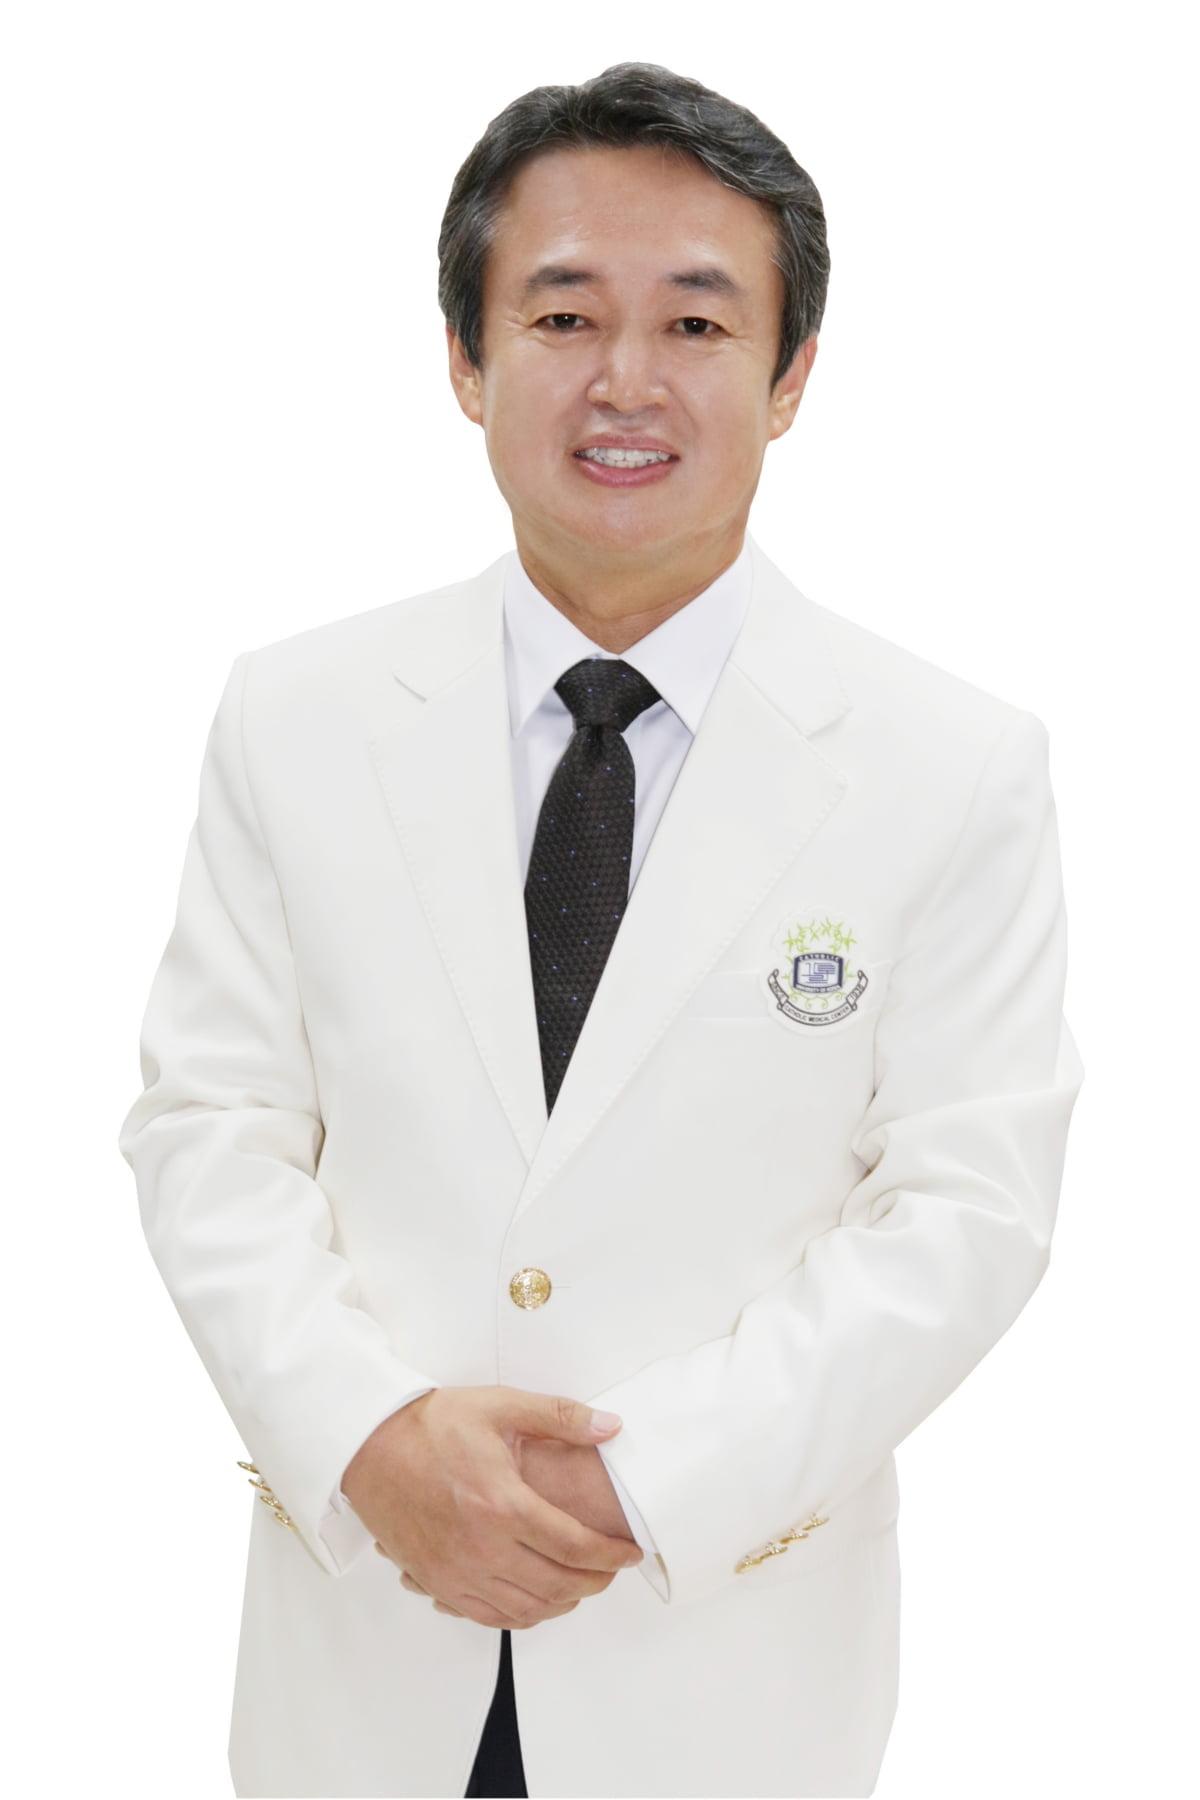 신임 부천성모병원장에 김희열 교수